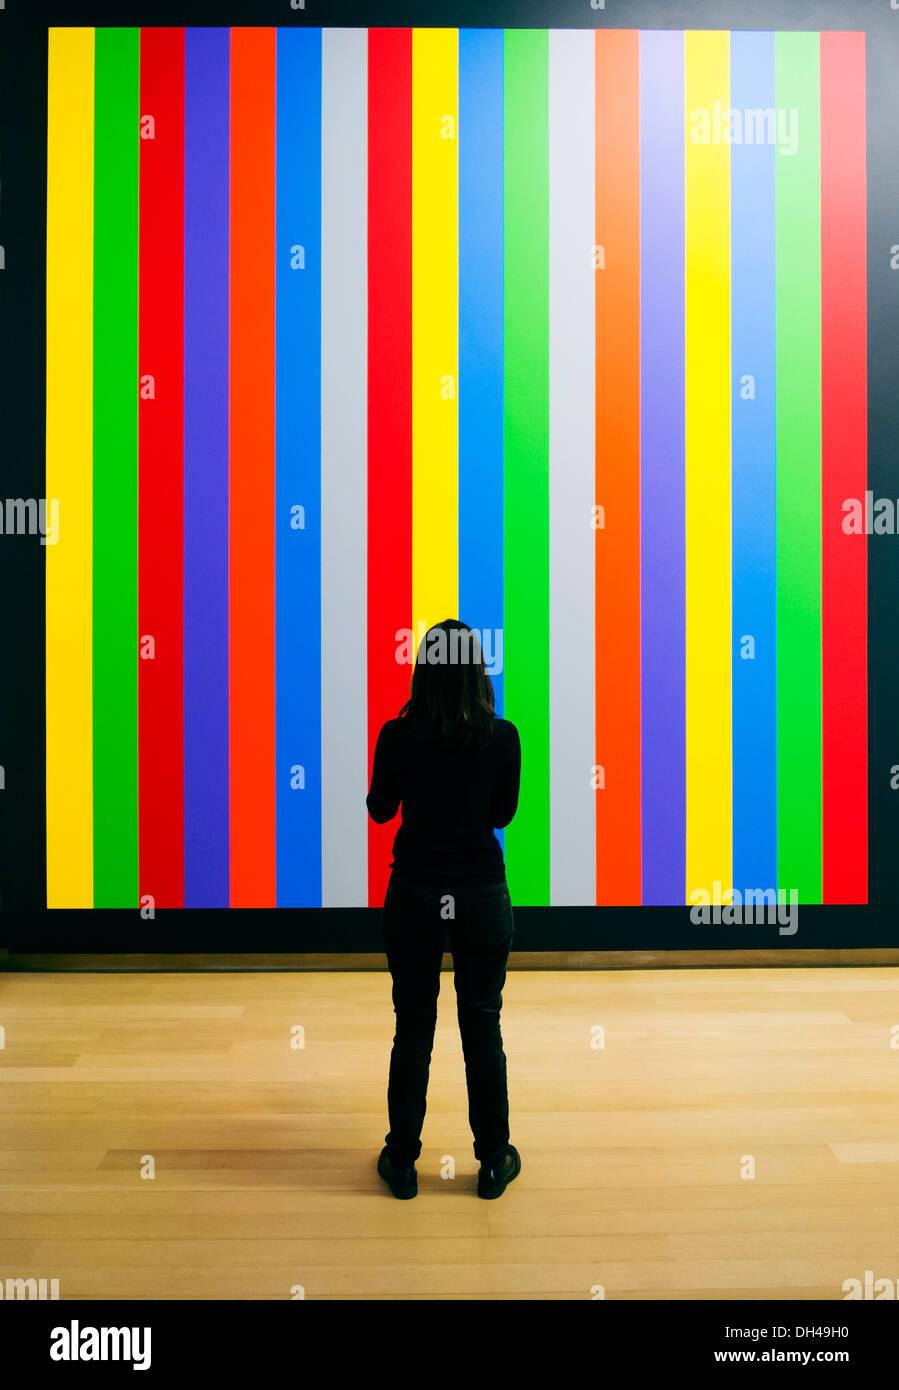 Pintar dibujo de pared #1084 por Sol Lewitt en el Stedelijk Museum de Amsterdam Países Bajos Imagen De Stock